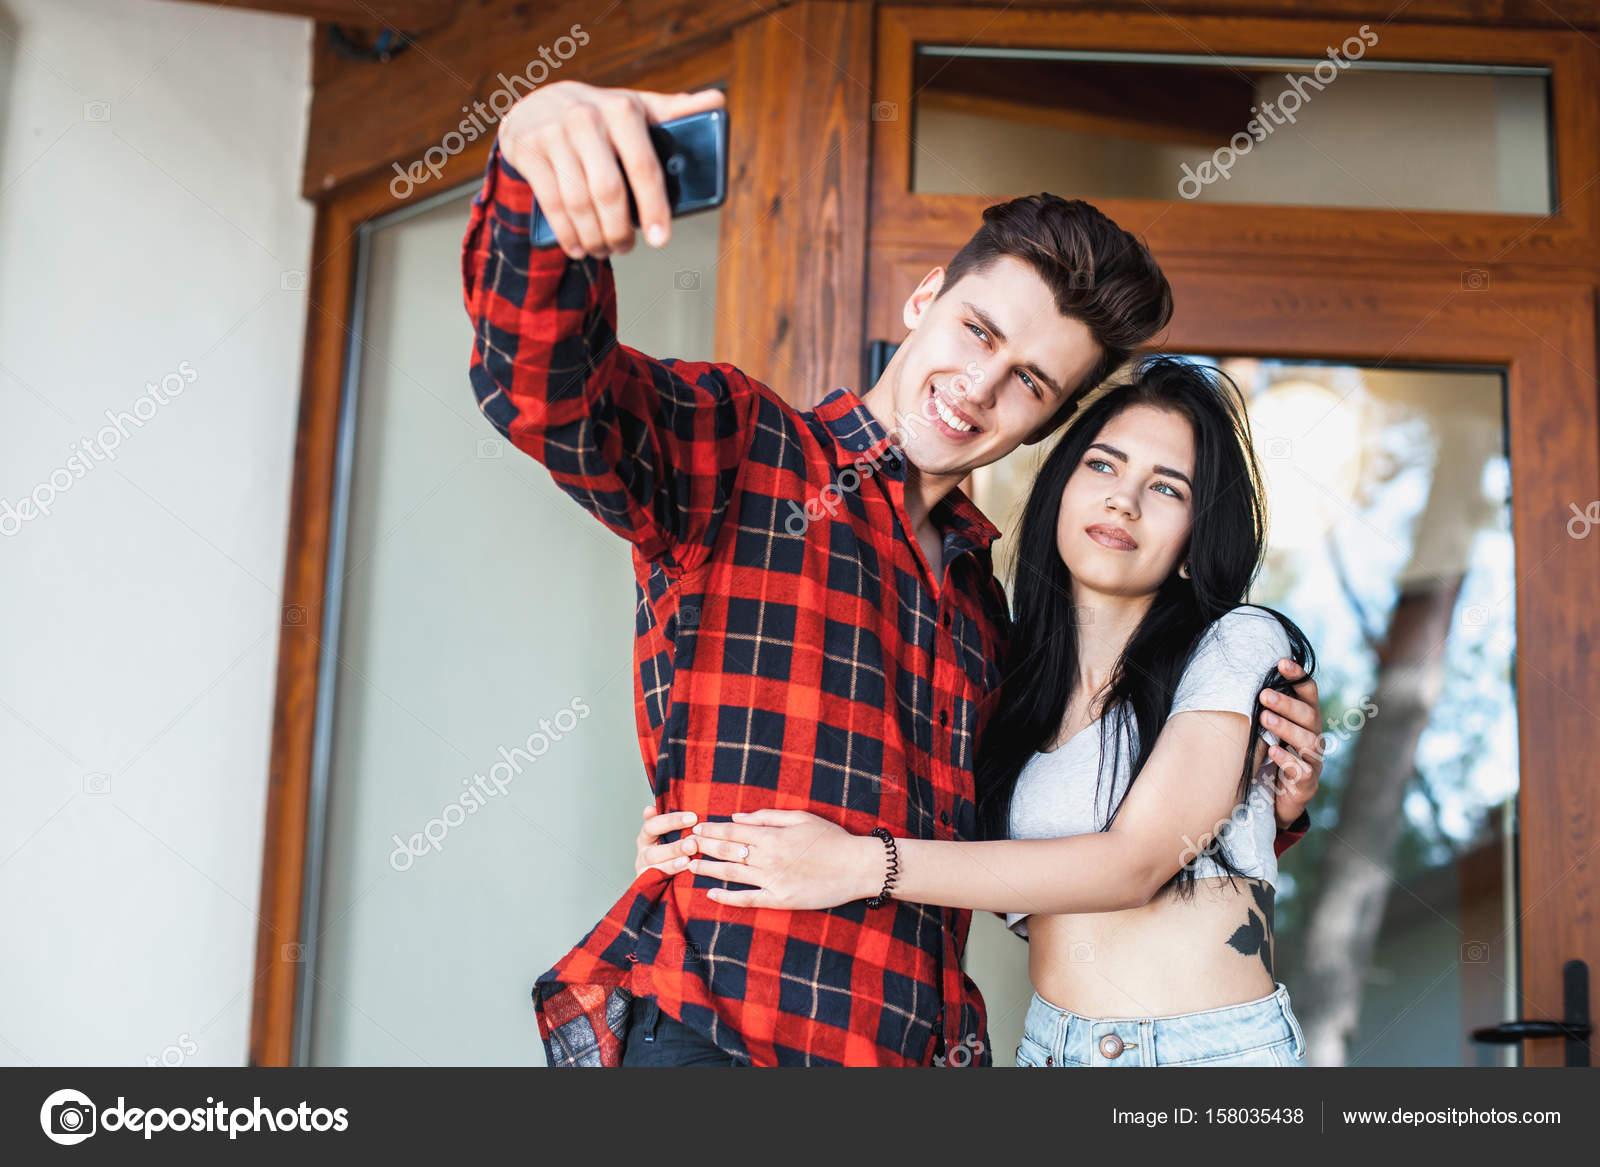 Jak młoda jest zbyt młoda randka